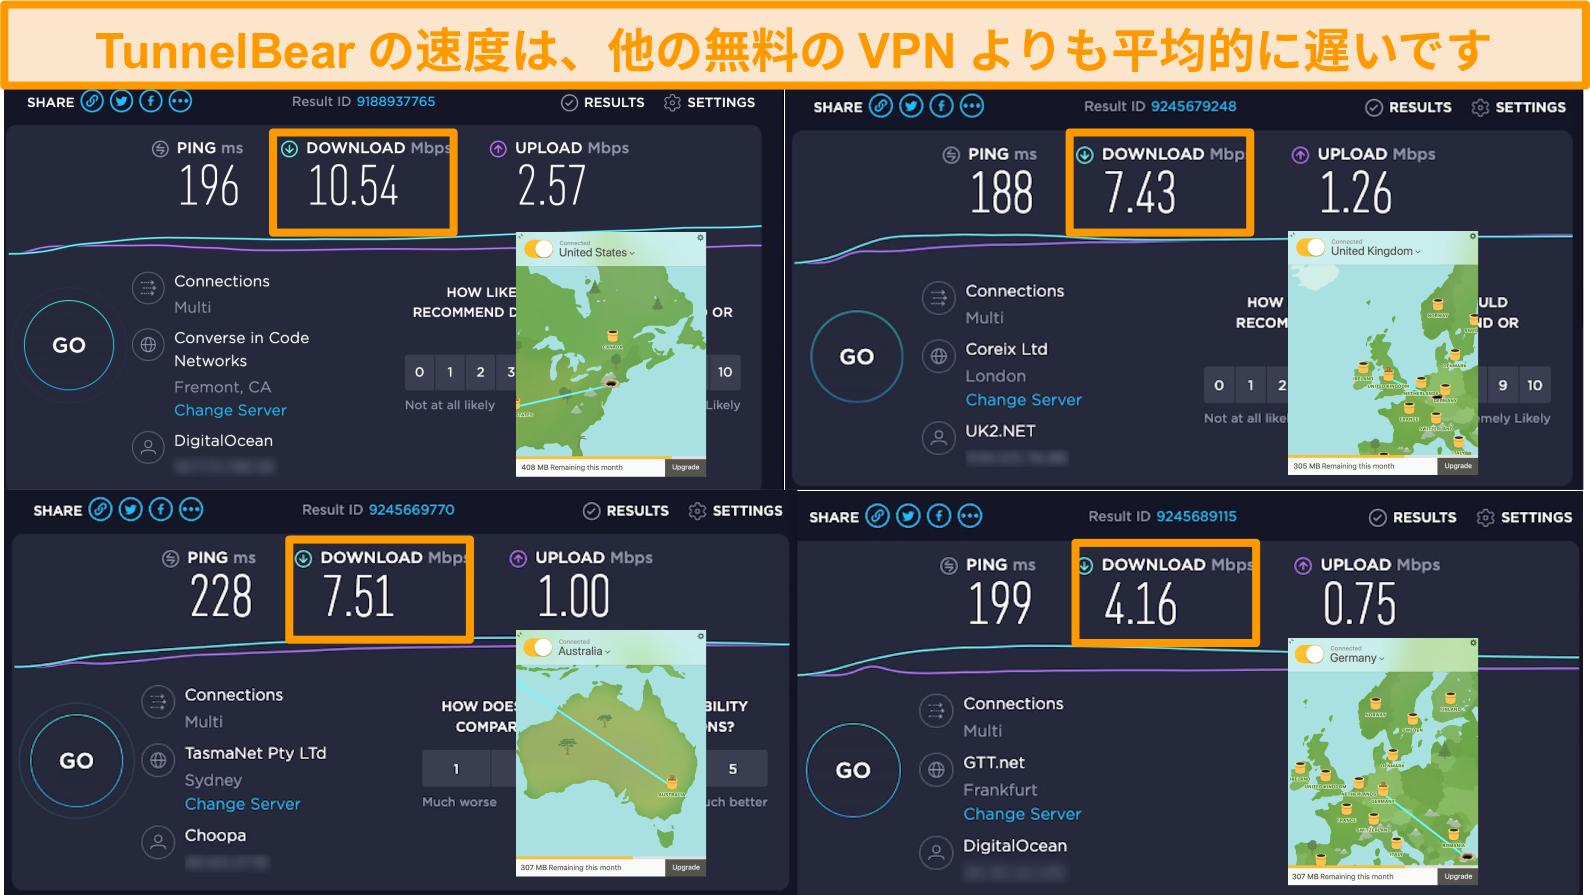 ドイツ、イギリス、アメリカ、オーストラリアのTunnelBearのサーバーのスクリーンショットと速度テスト結果